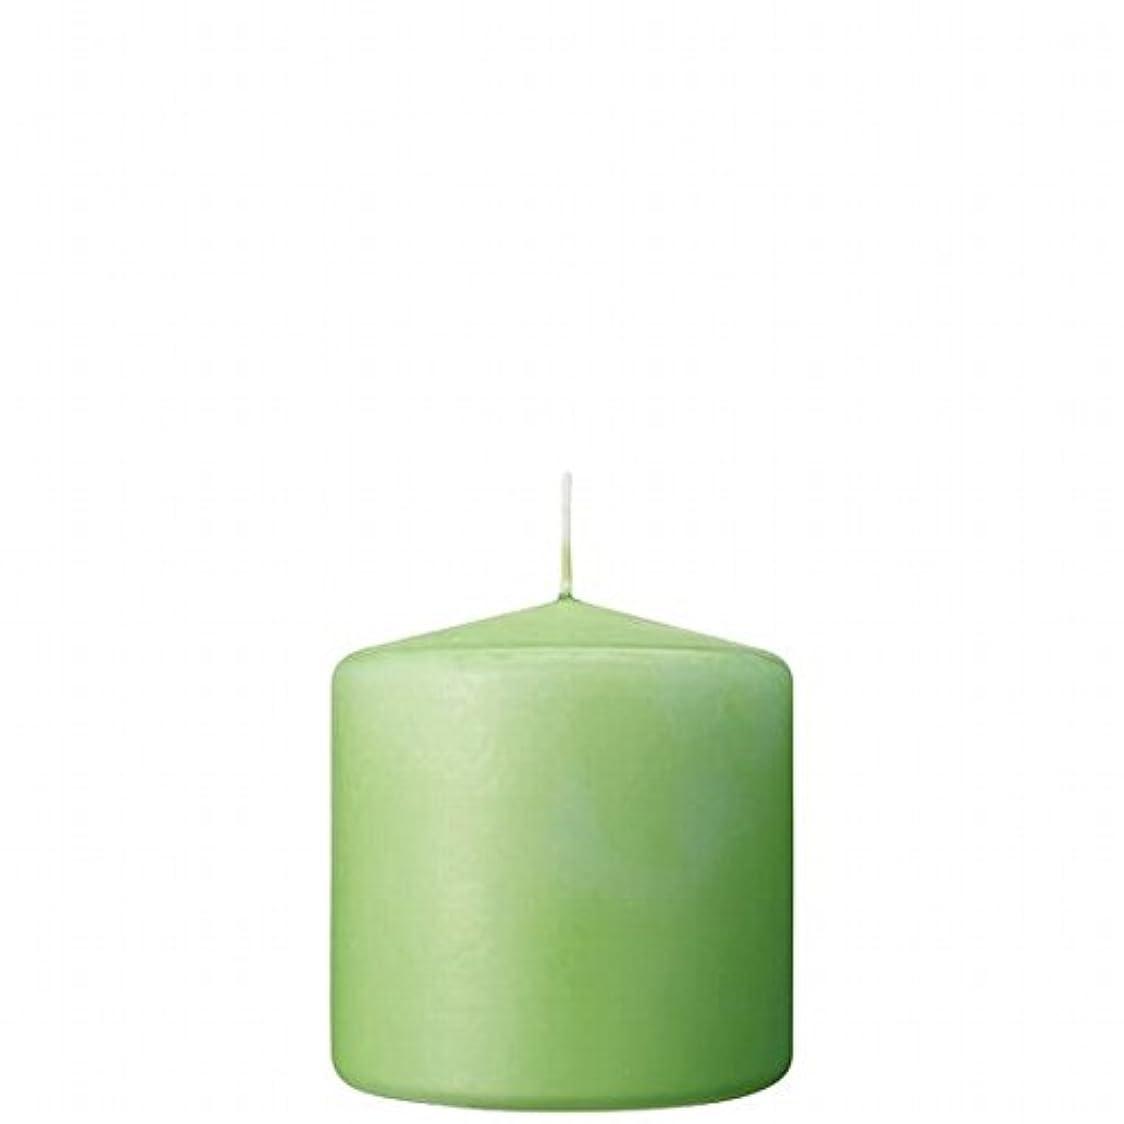 未来サイバースペース検索カメヤマキャンドル(kameyama candle) 3×3ベルトップピラーキャンドル 「 ライム 」